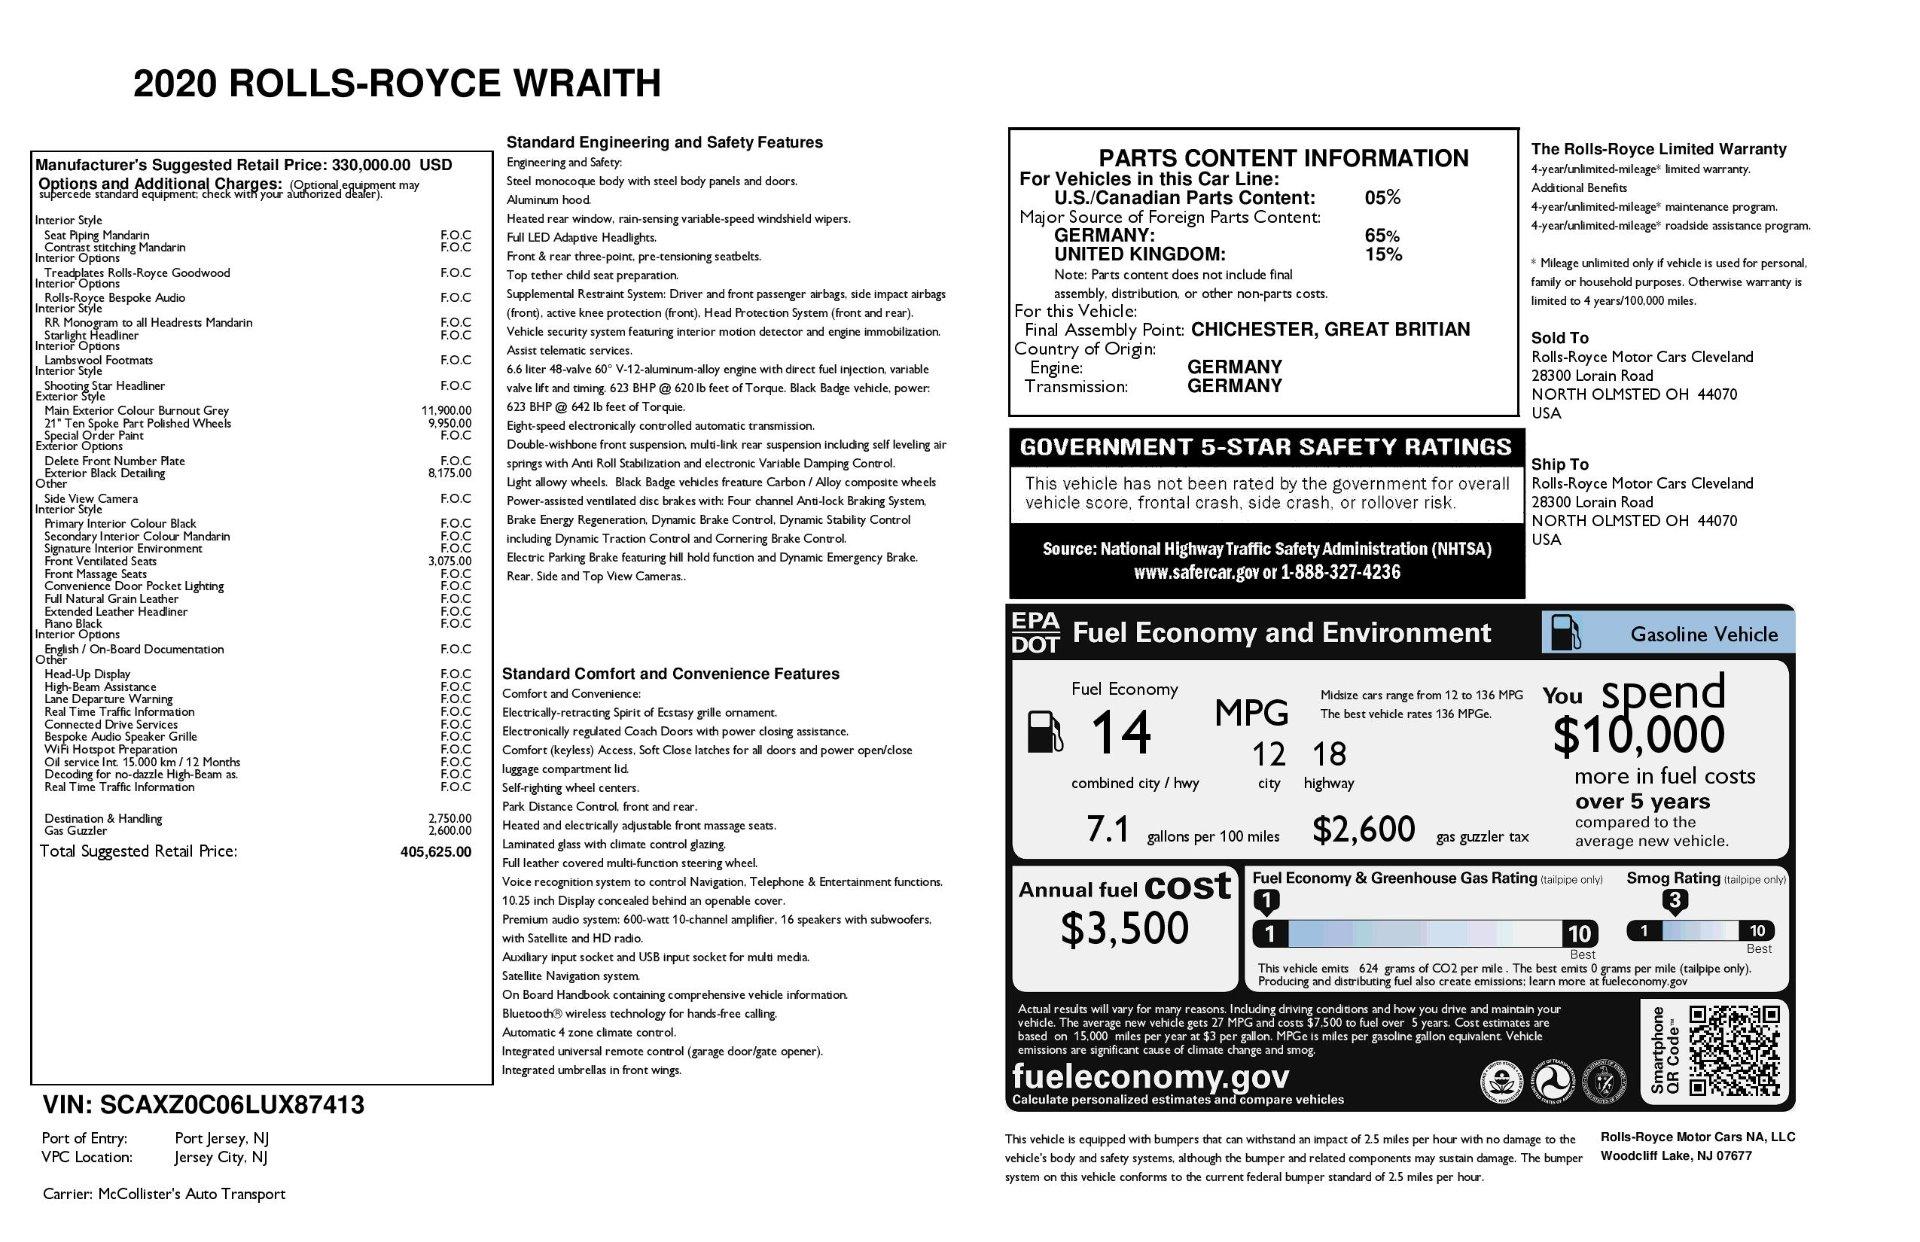 New 2020 Rolls Royce Wraith